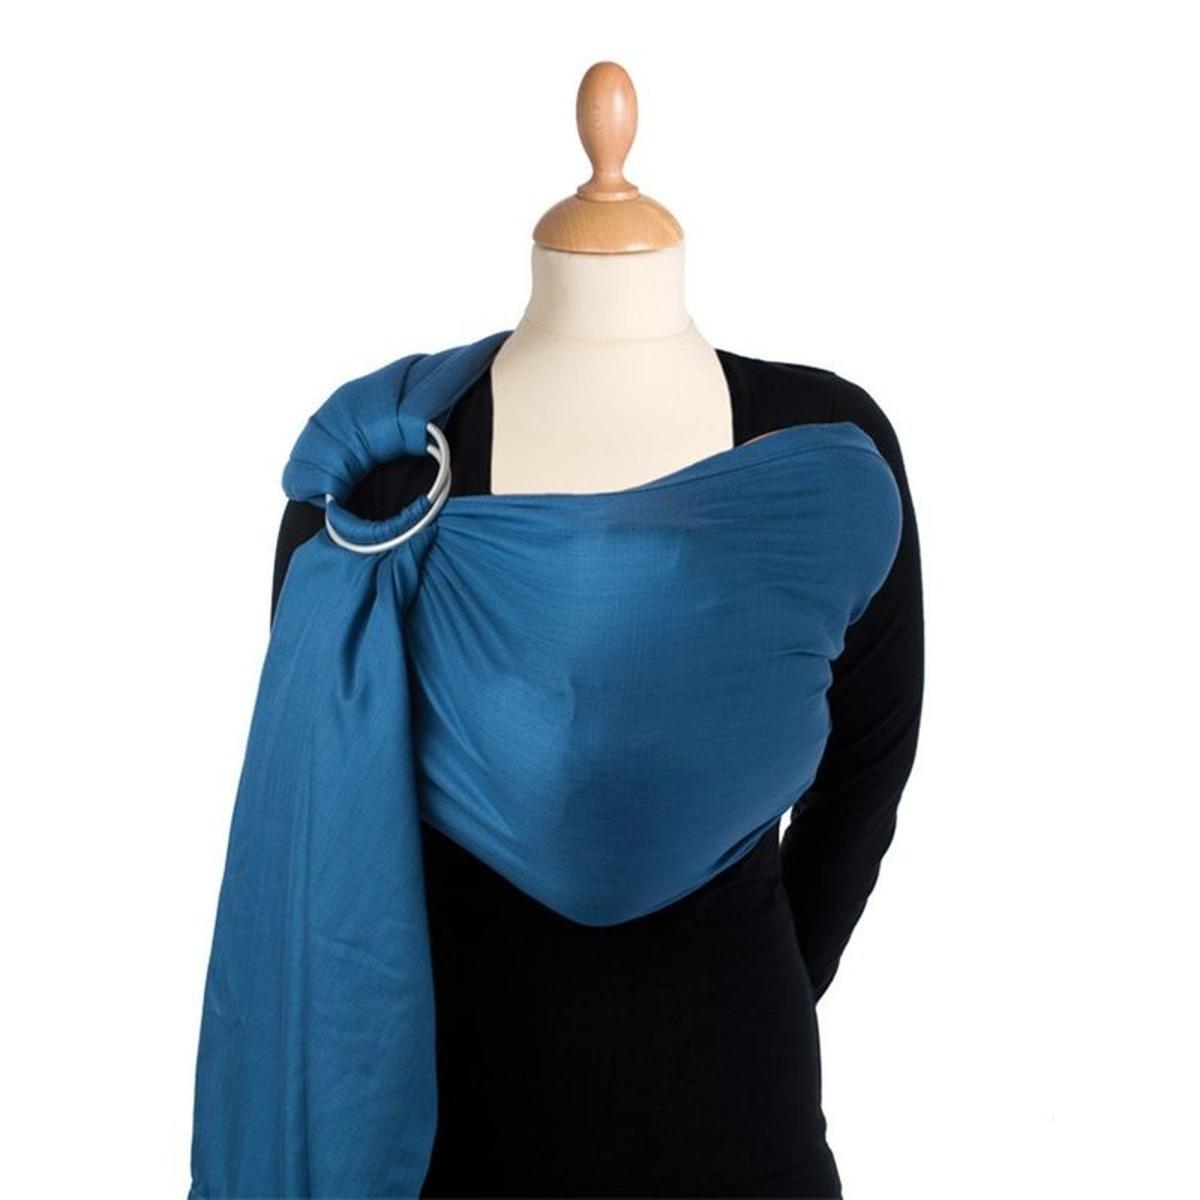 Écharpe de portage Sling Bleu